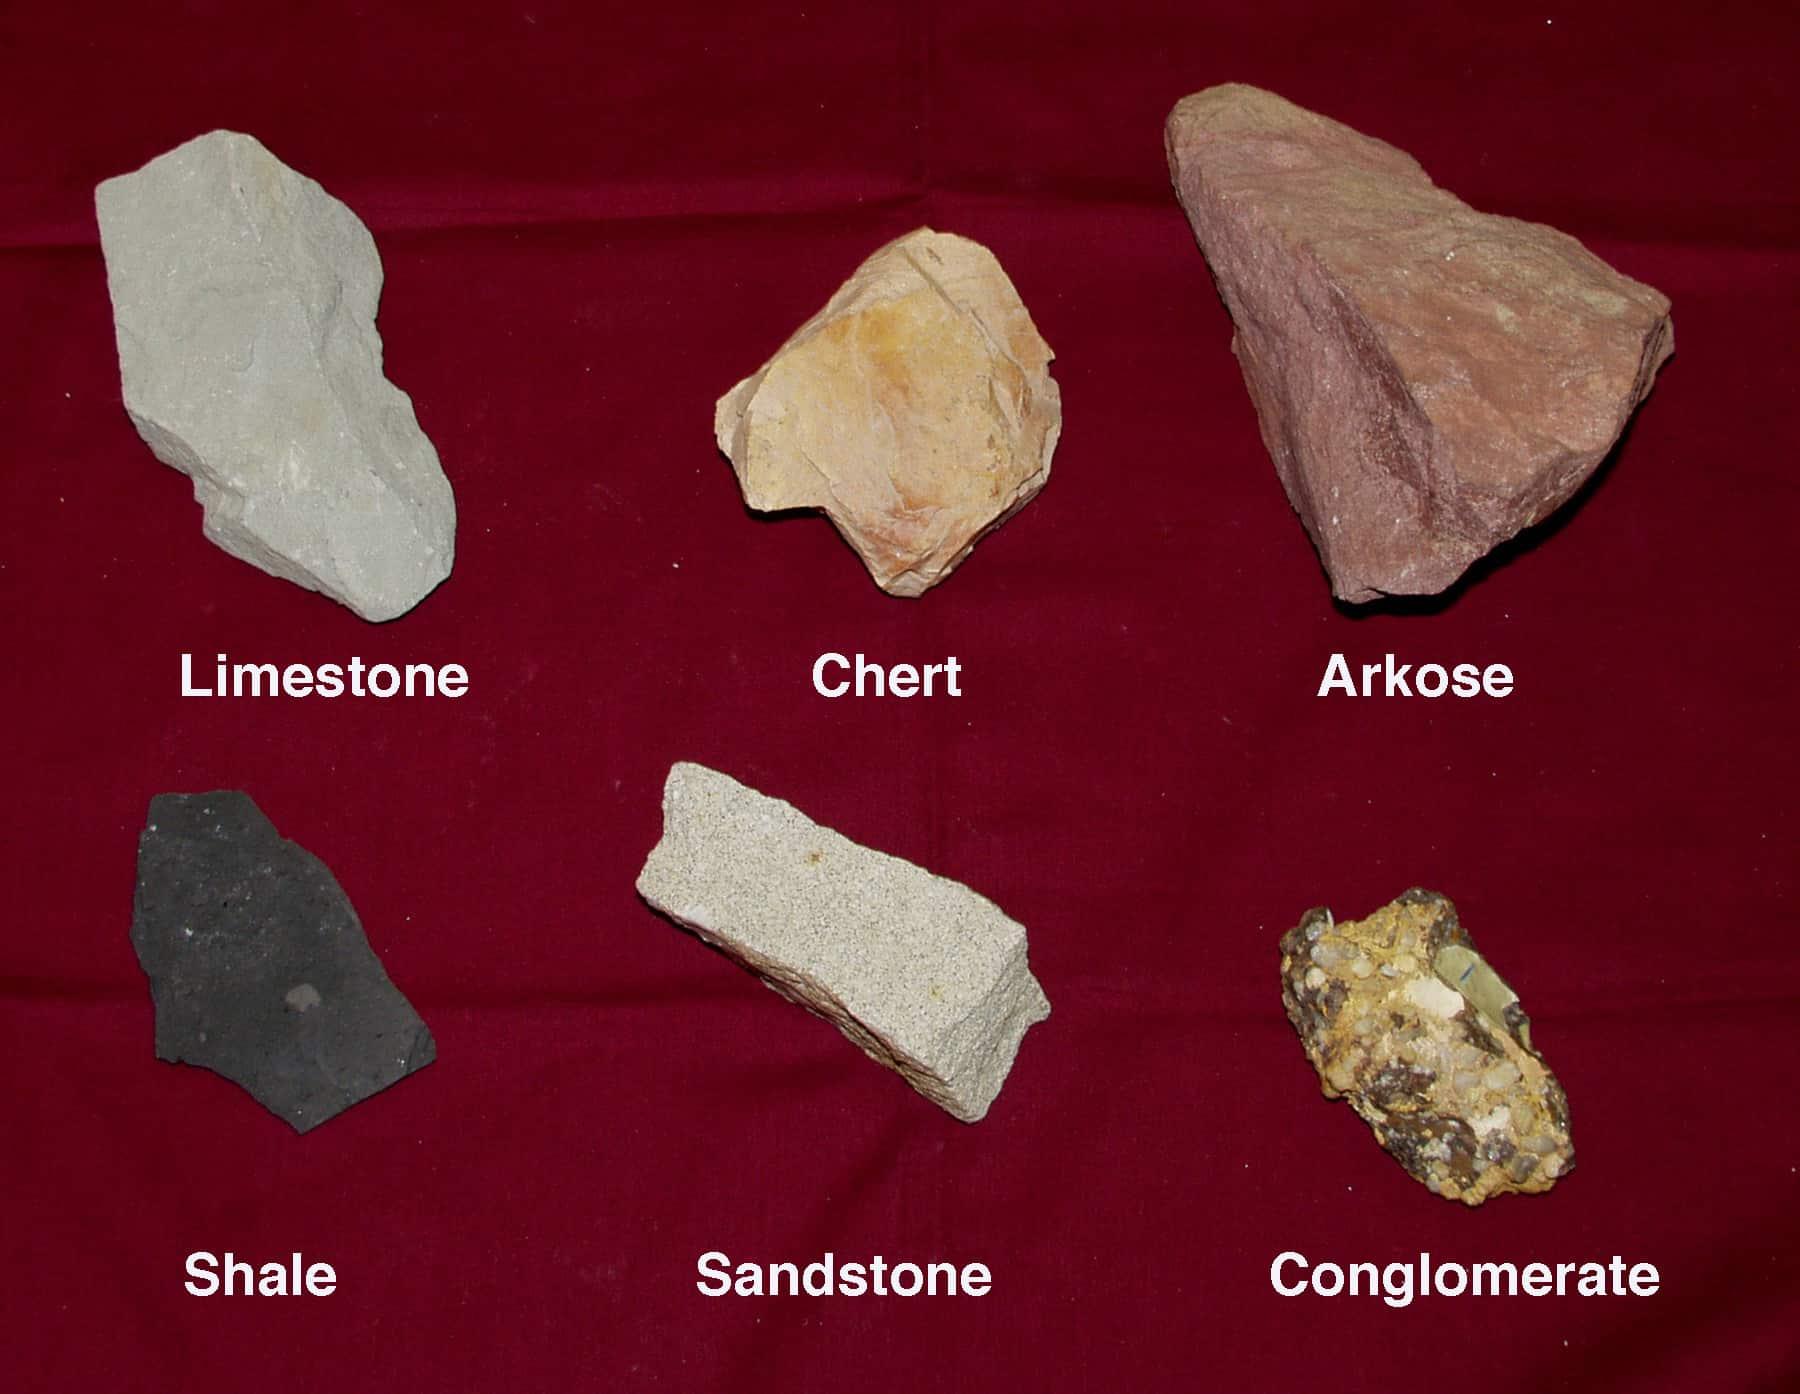 صور انواع الصخور , بالفيديو شاهد اسرار جديدة من باطن الارض عن انواع الصخور